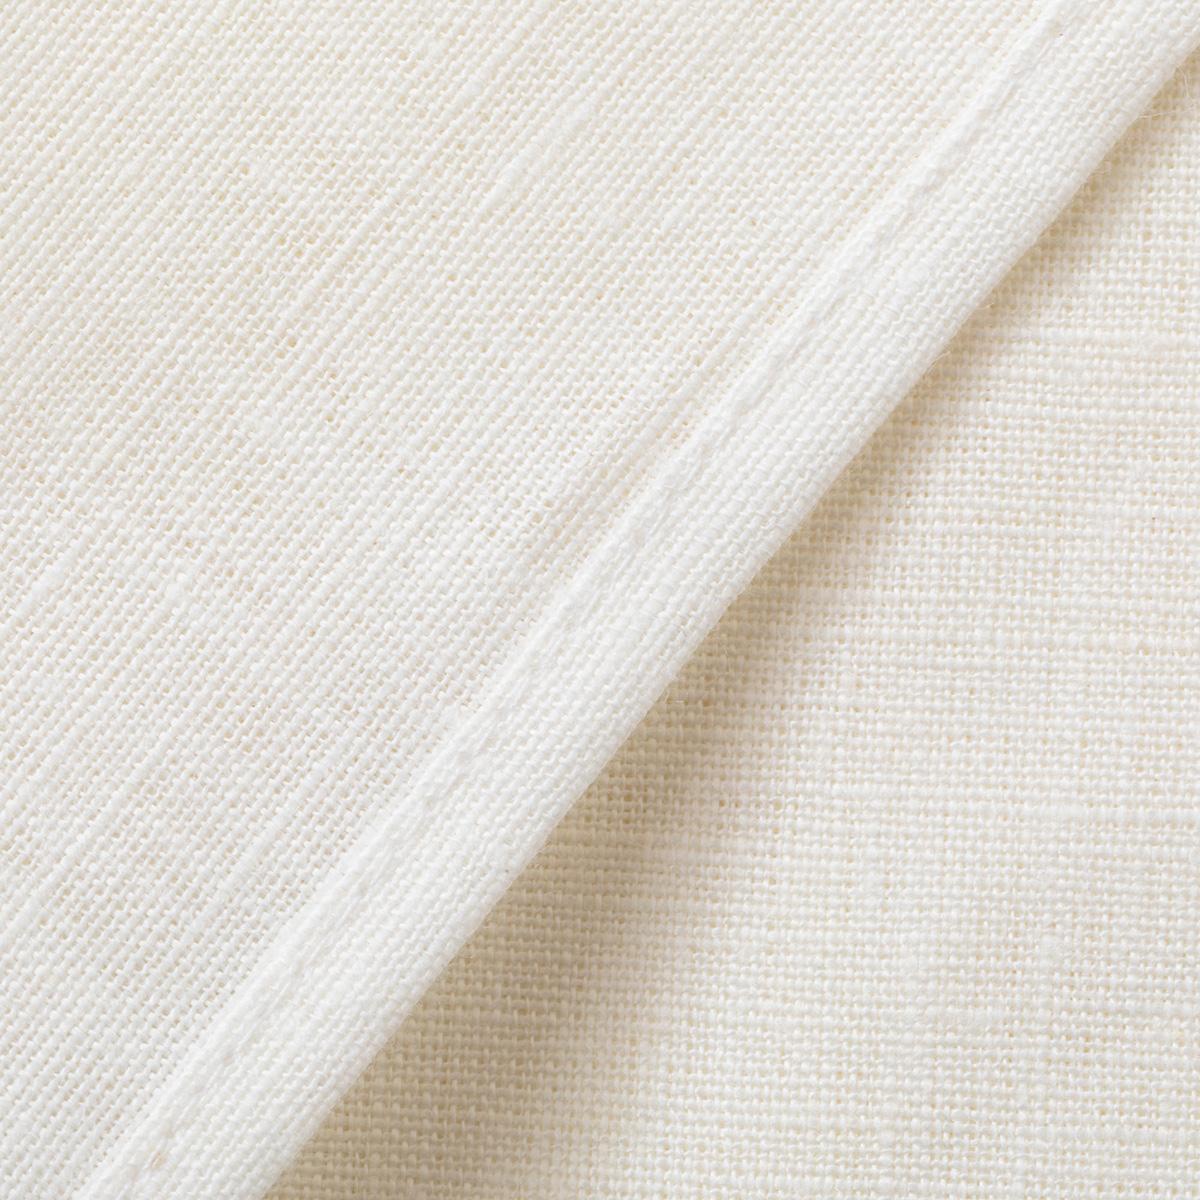 フラットシーツ スタンダード ダブル 214×270cm